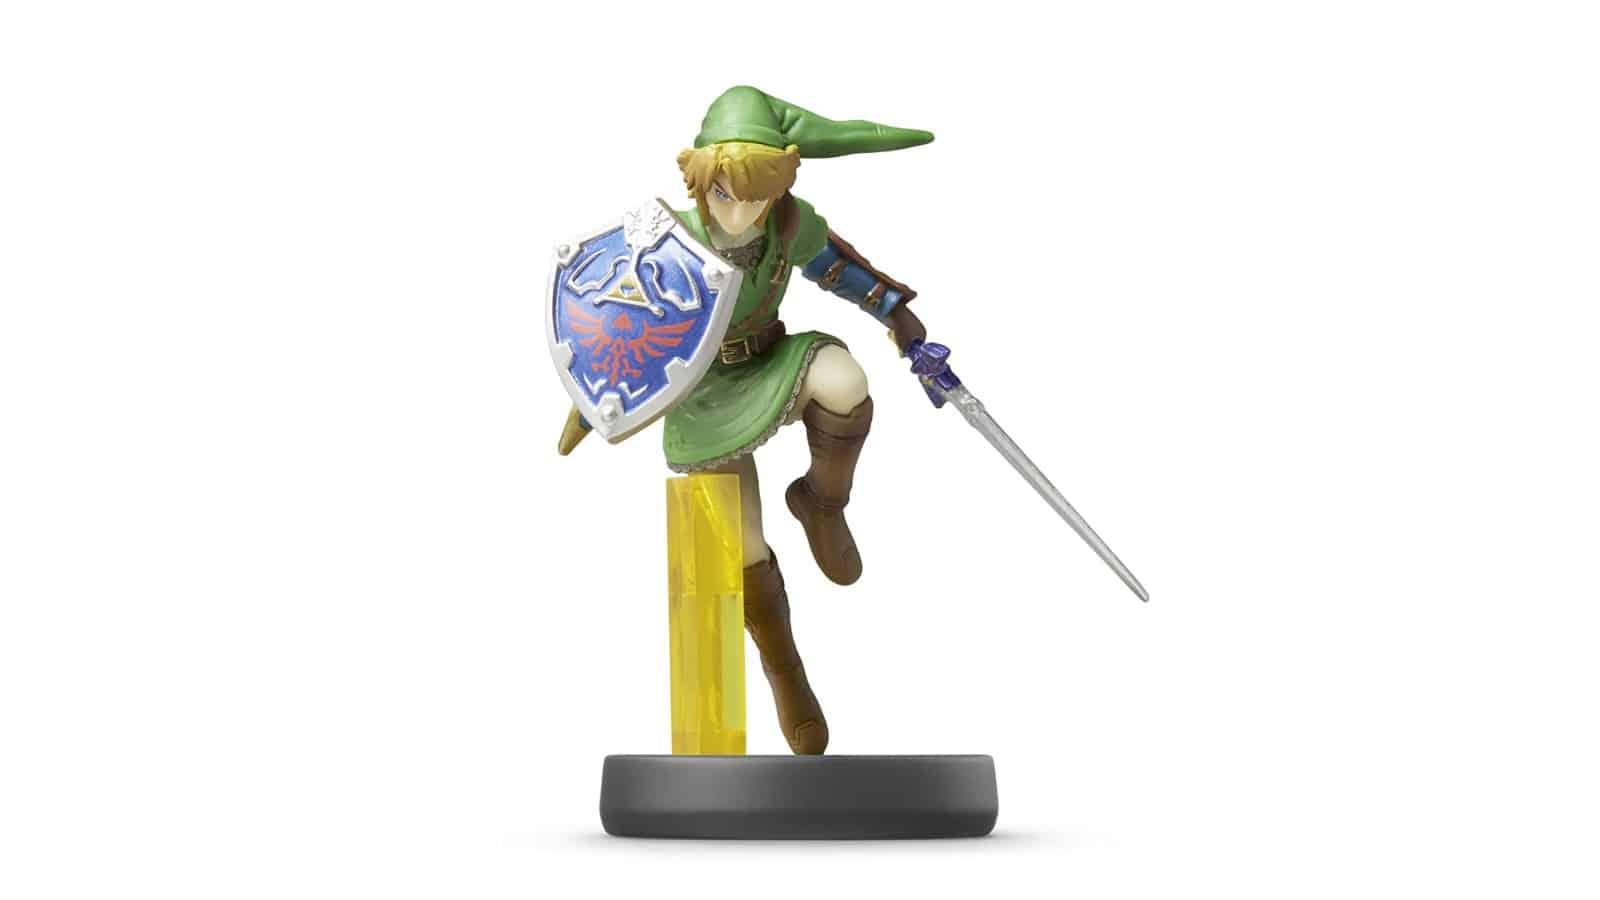 אמיבו - Link (סדרת Super Smash Bros.)